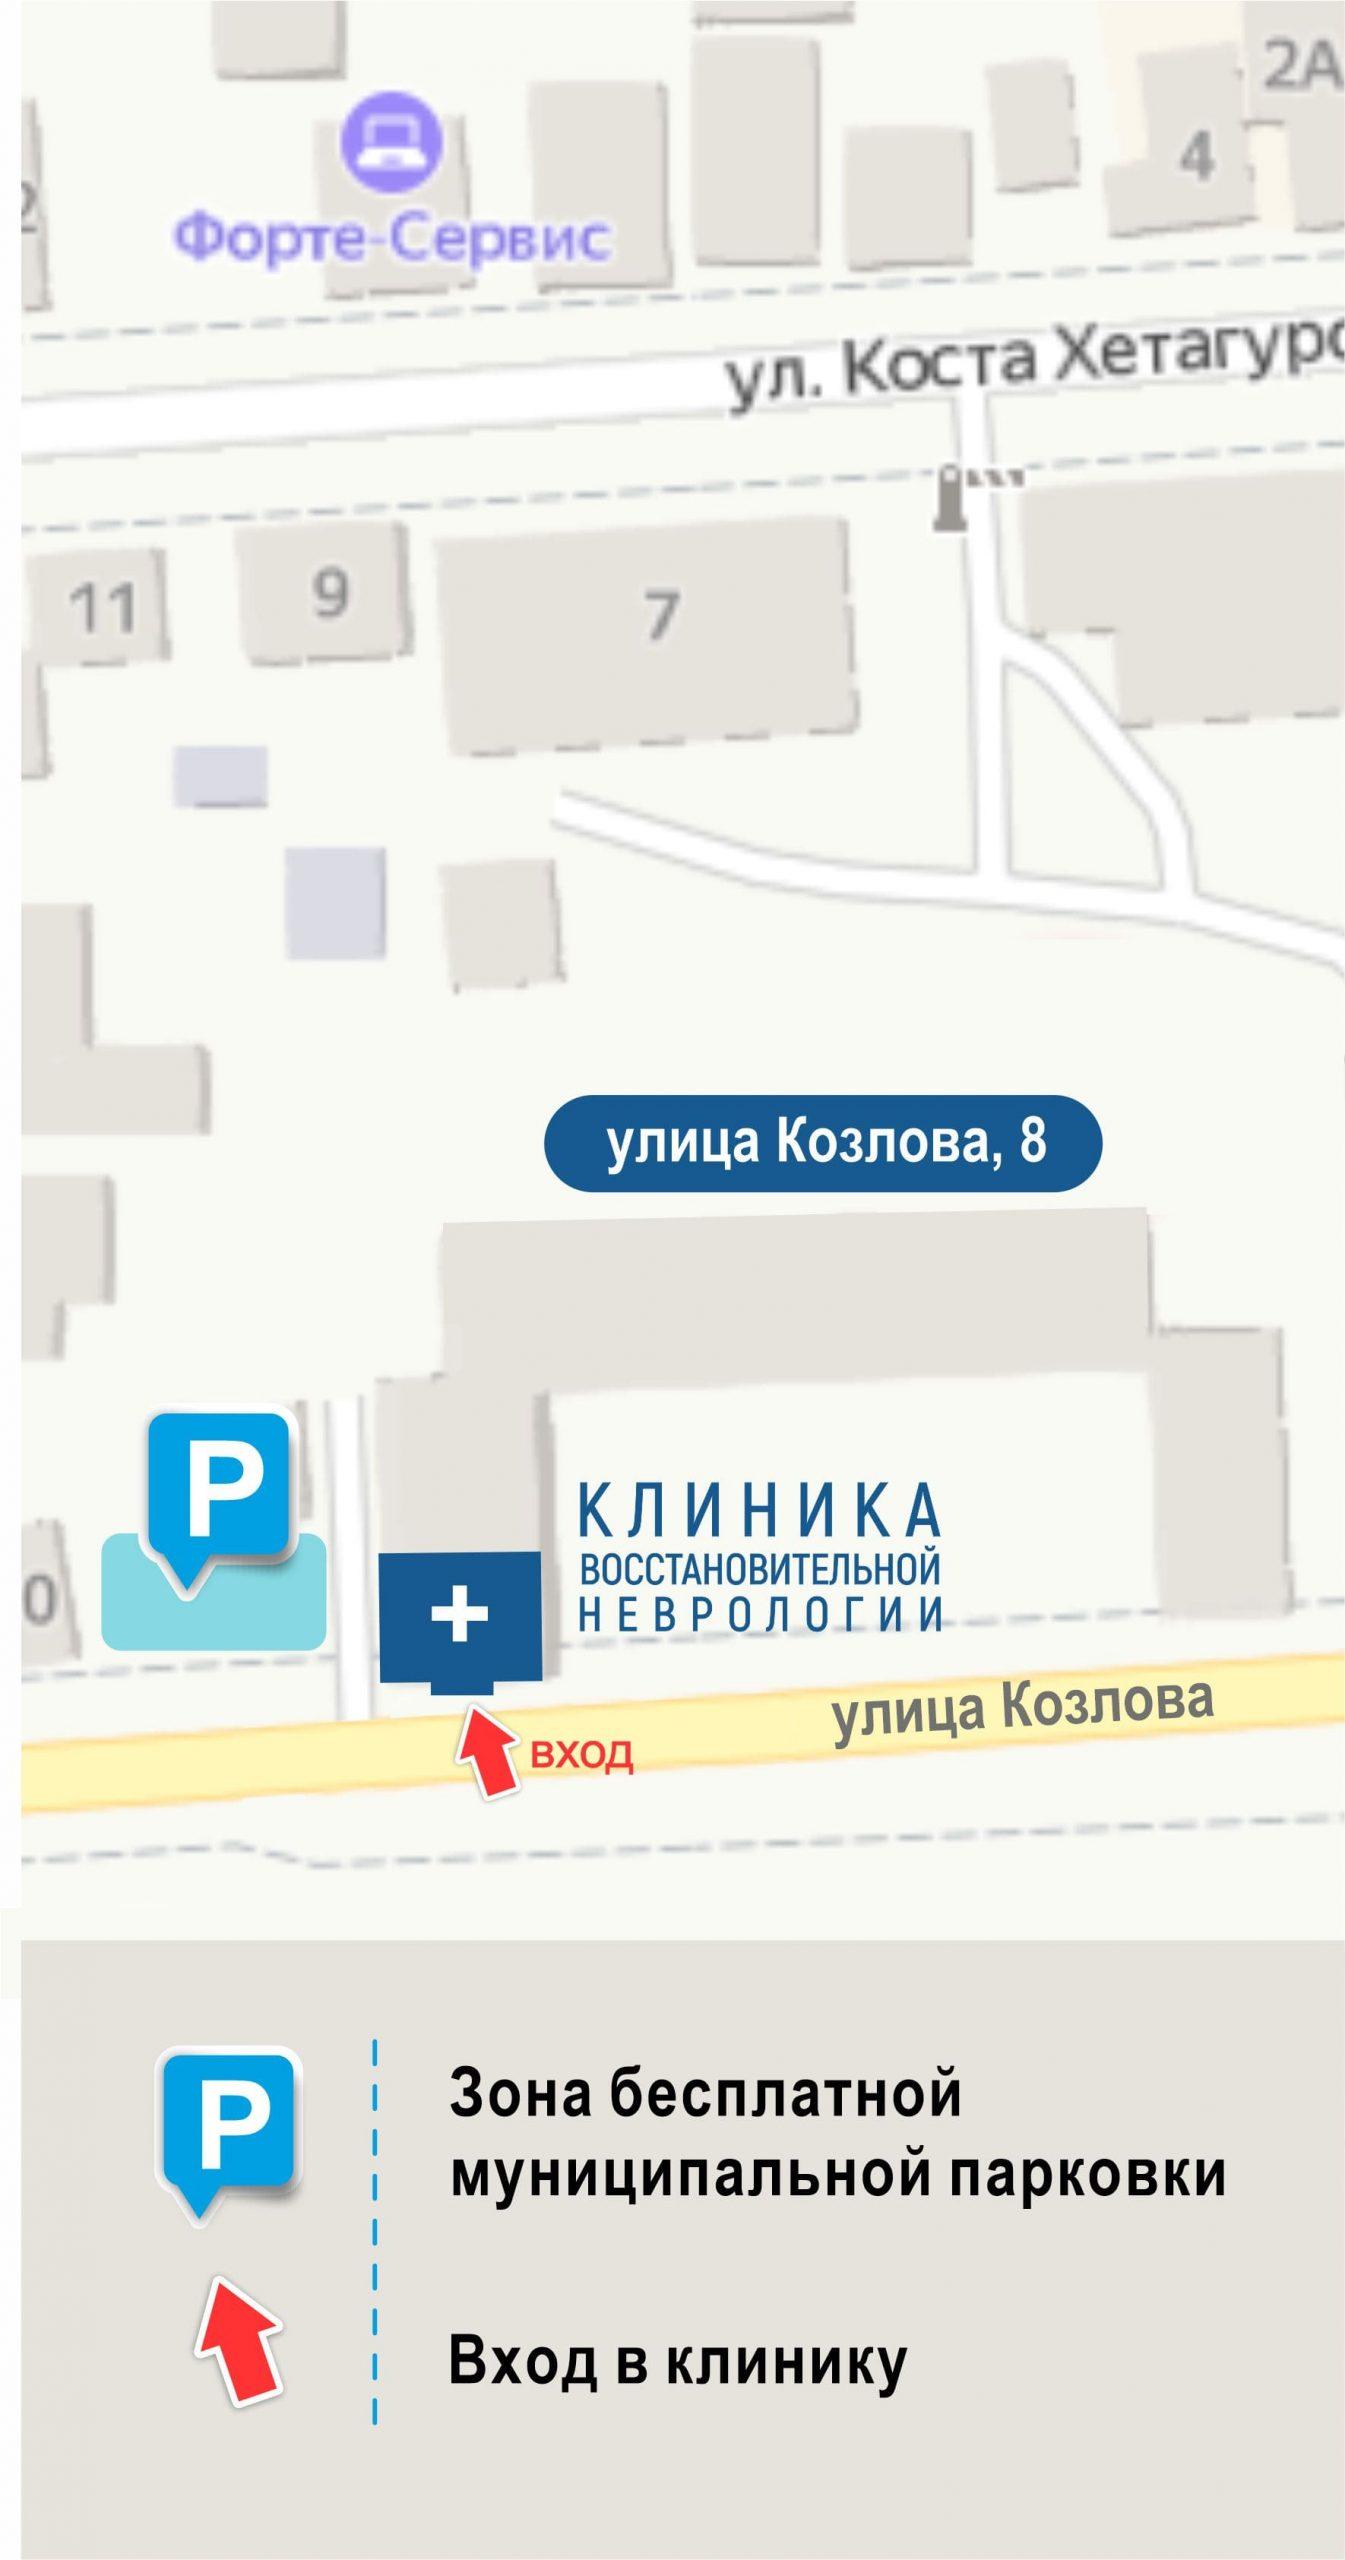 Как проехать в Клинику, Пятигорск